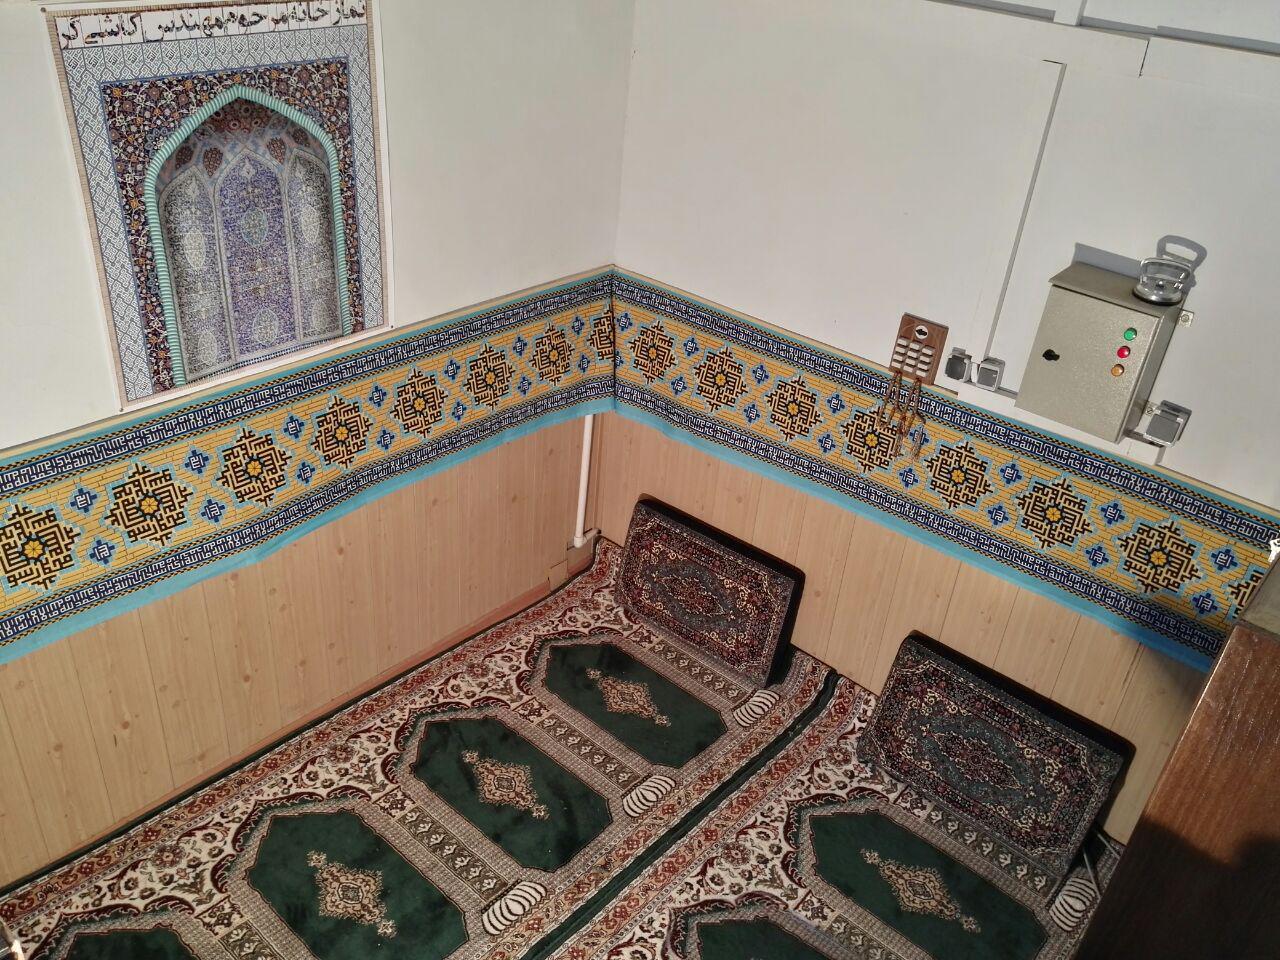 افتتاح نمازخانه مرکز تحقیقات فرآوری مواد کاشی گر به مناسبت ایام ماه مبارک رمضان